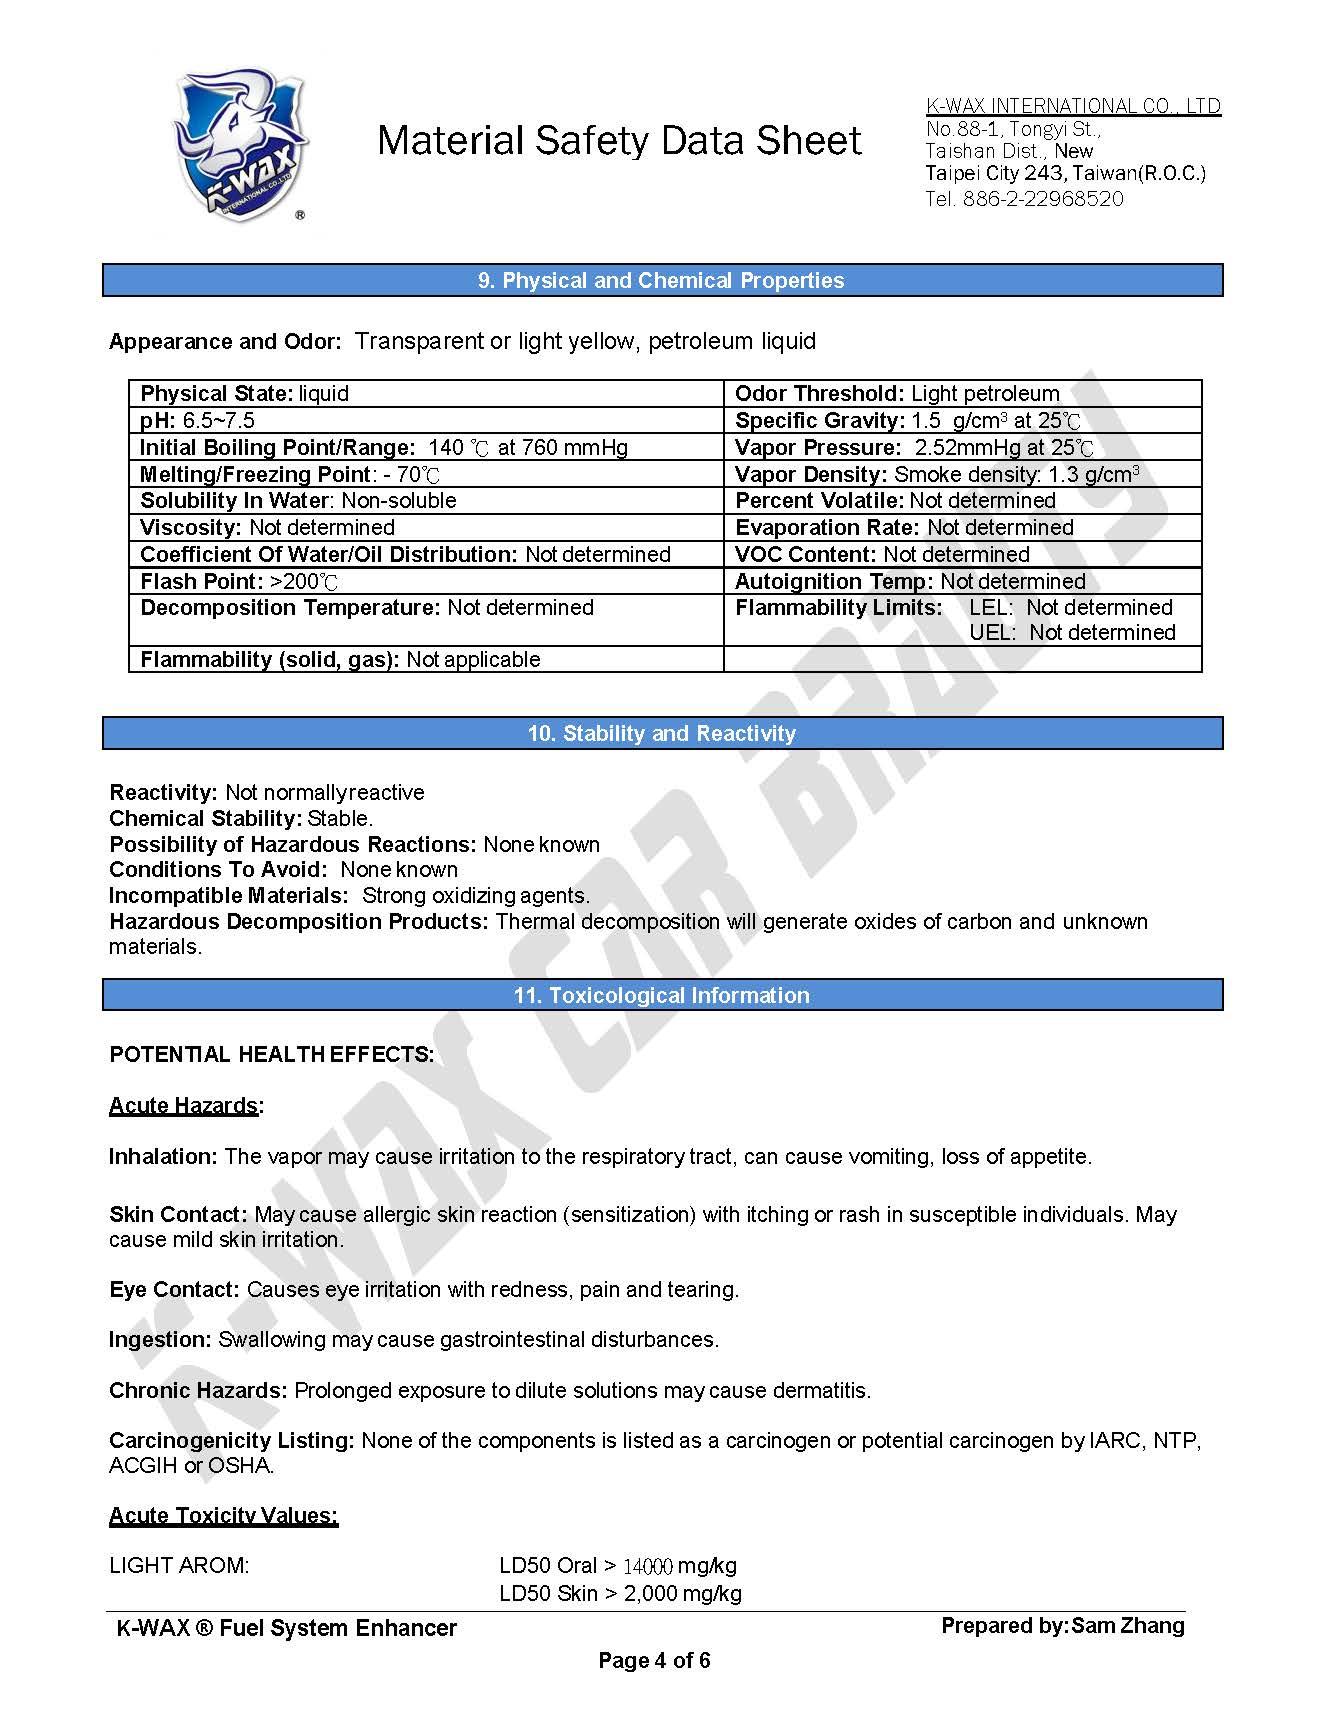 燃油系統強化劑 MSDS_页面_4.jpg